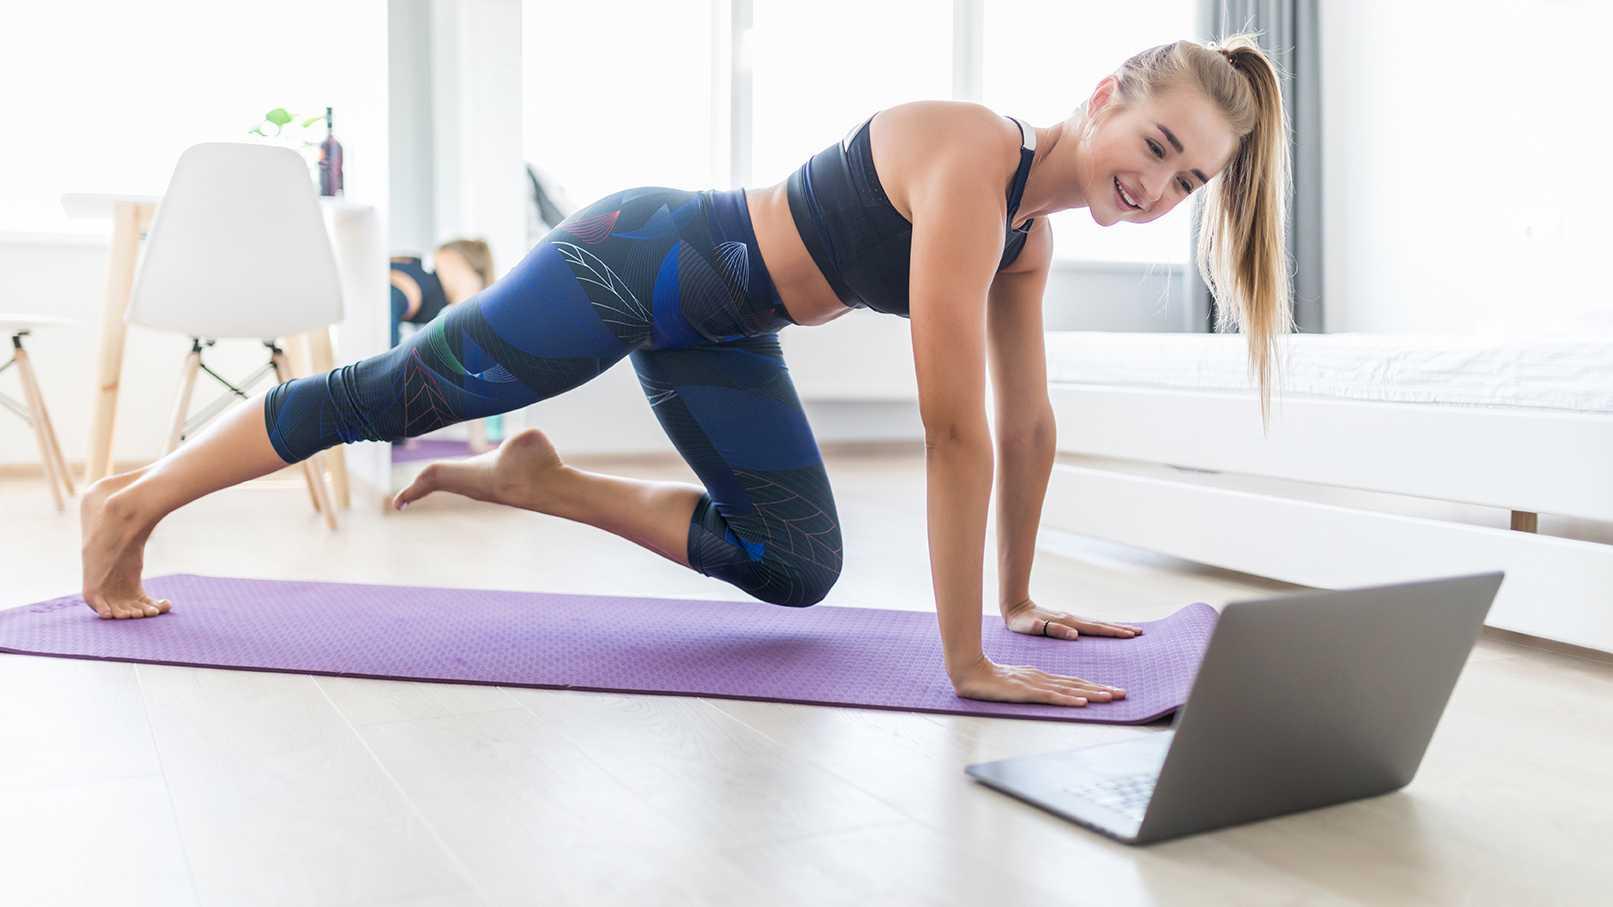 Программа тренировок для похудения дома для всего тела - allslim.ru